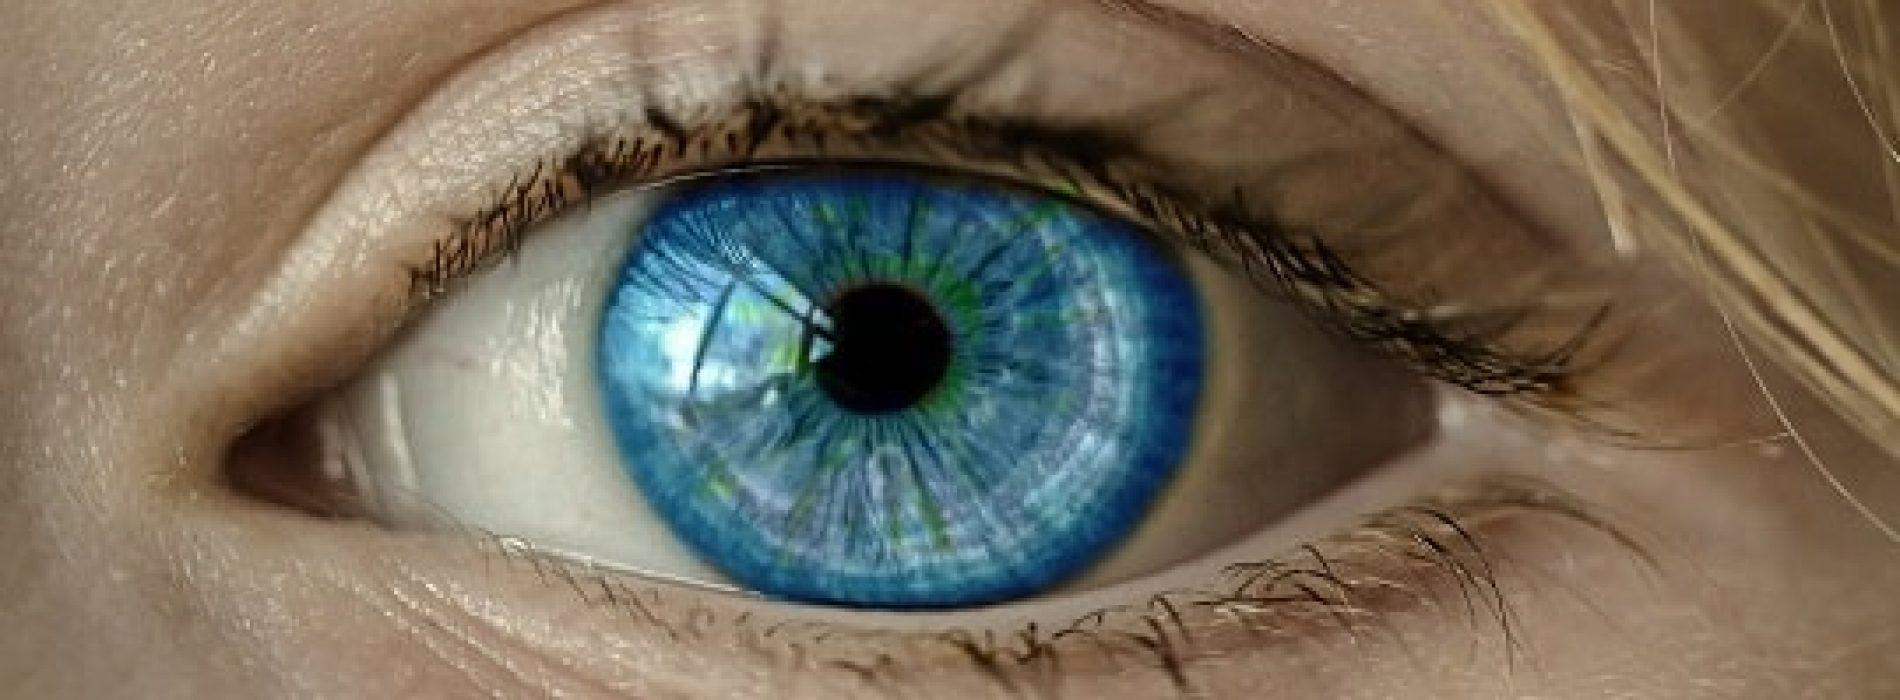 Hvilke problemer risikerer du ved bruk av kontaktlinser?